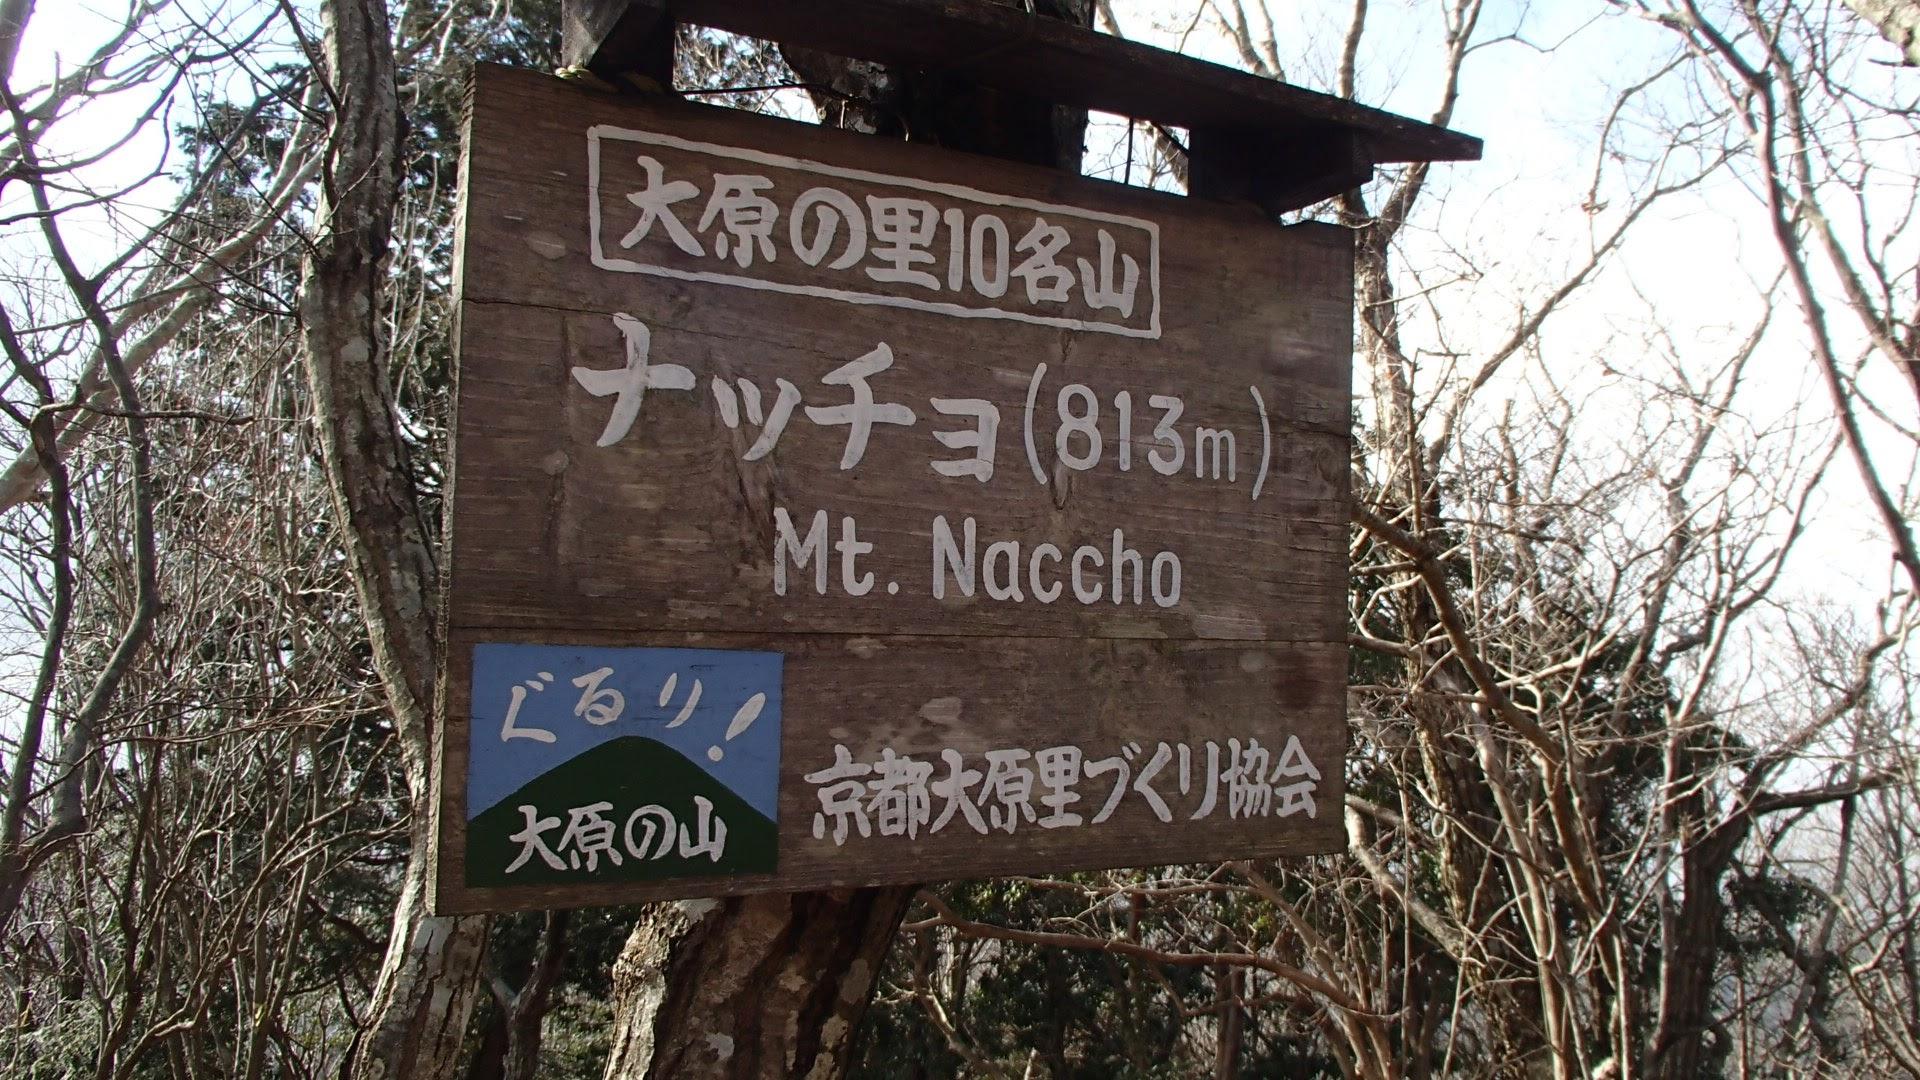 ナッチョ(天ヶ森)813m